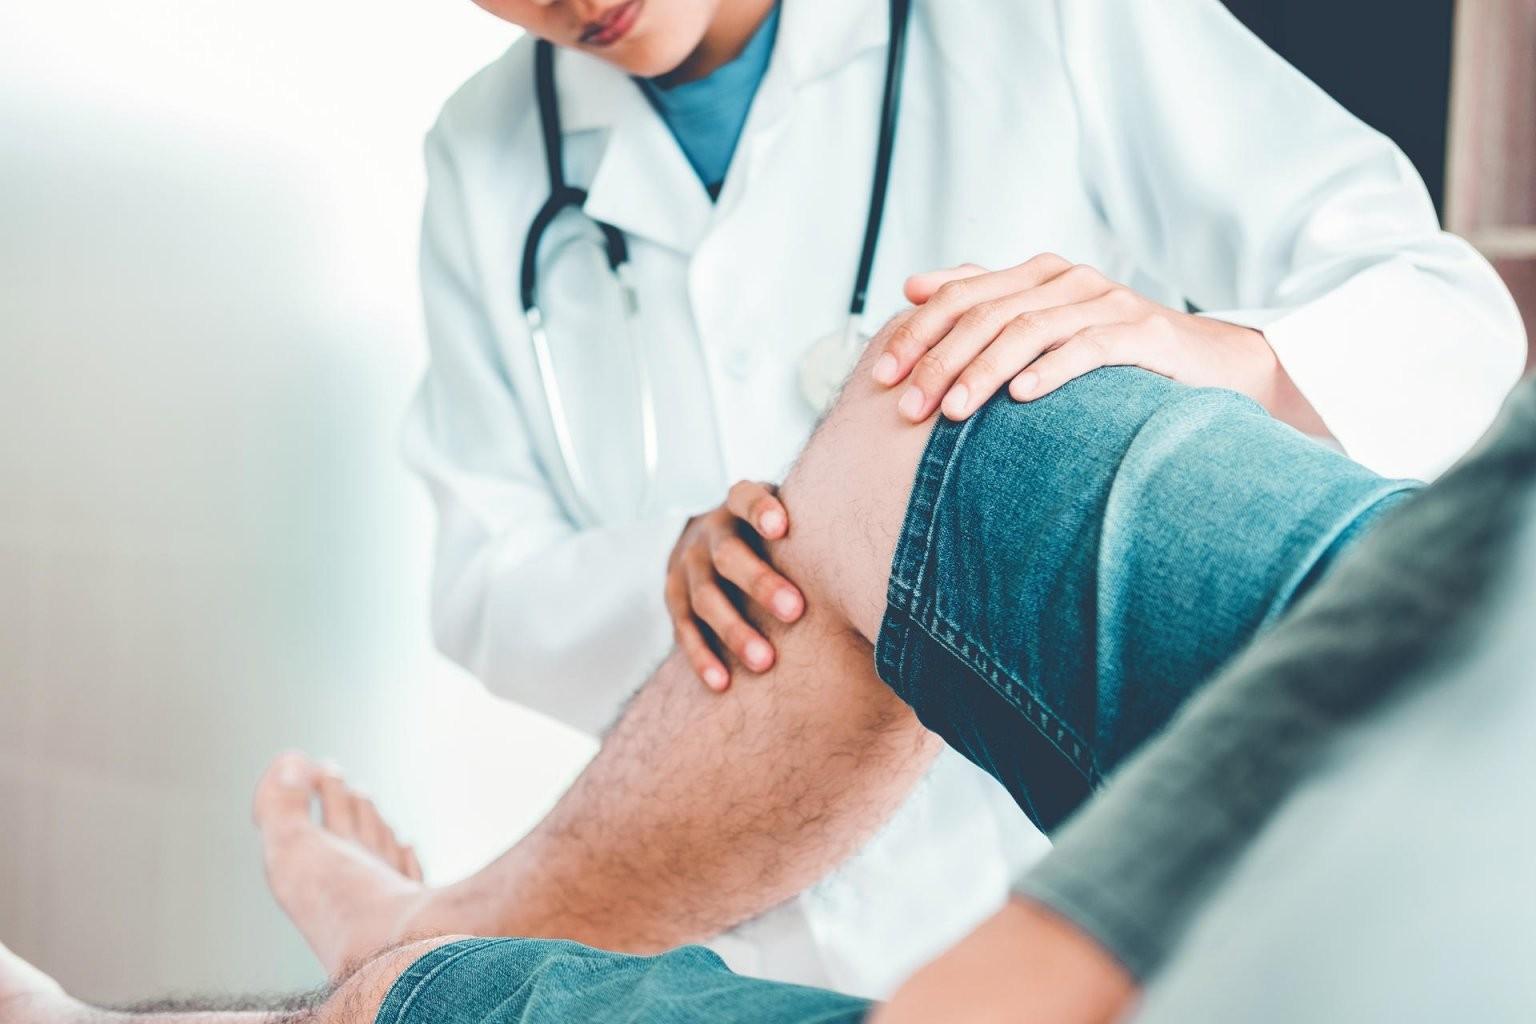 Knacken Und Knirschen Im Knie Das Können Ursachen Für Die Geräusche von Knieschmerzen Beim Treppen Runtergehen Photo